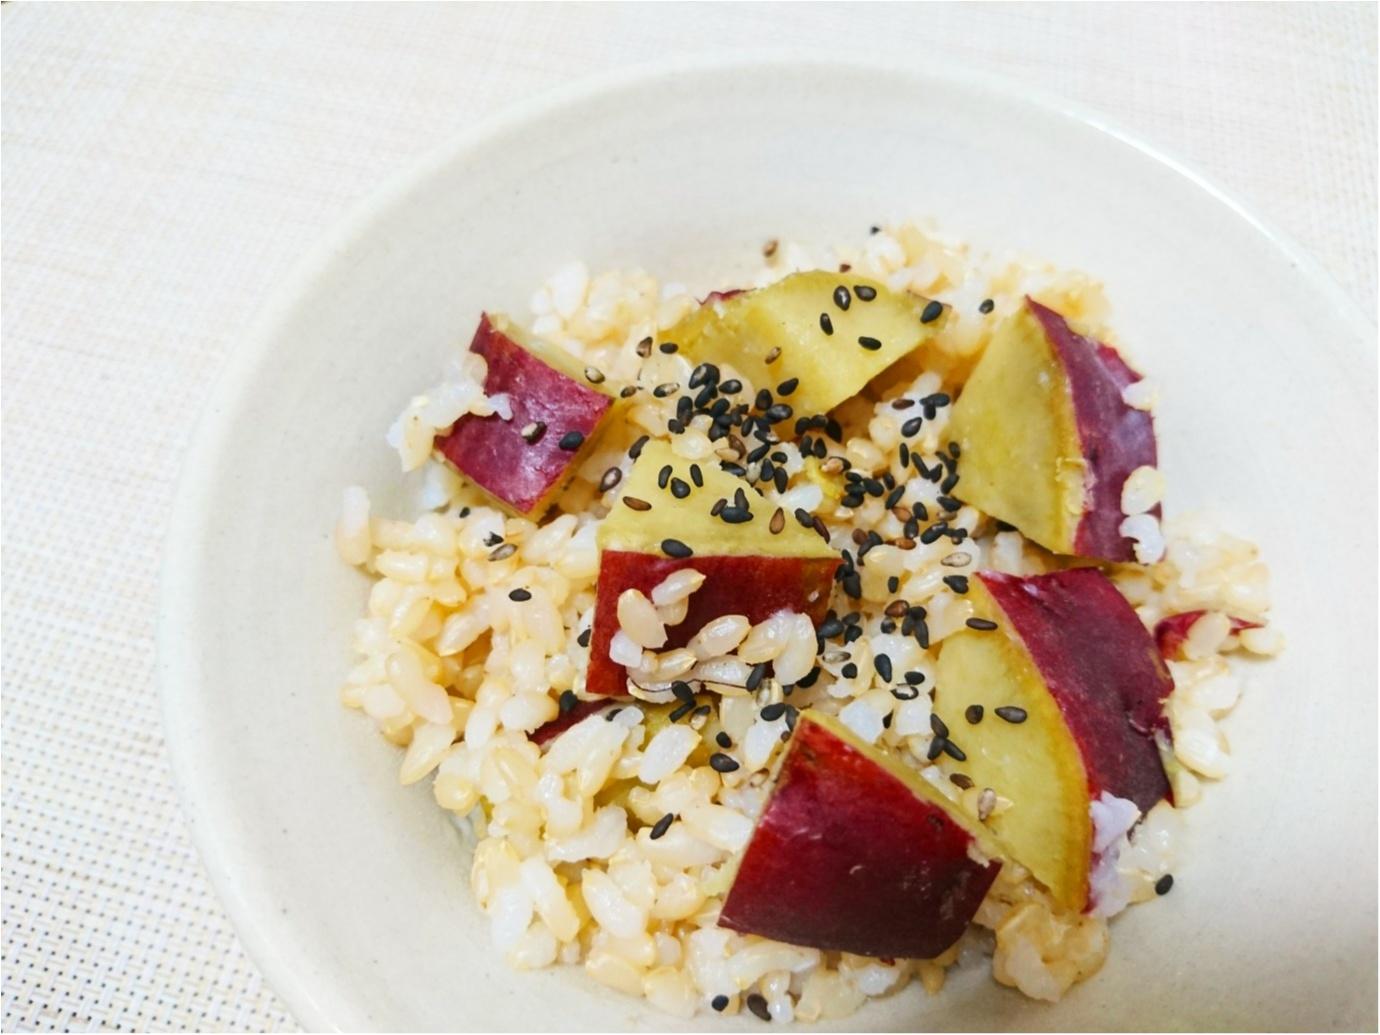 """【クッキング】""""旬"""" だからこそ、美味しさ倍増 ♪ 10月13日は『さつまいもの日』簡単!さつまいもご飯のレシピをご紹介します ★_2"""